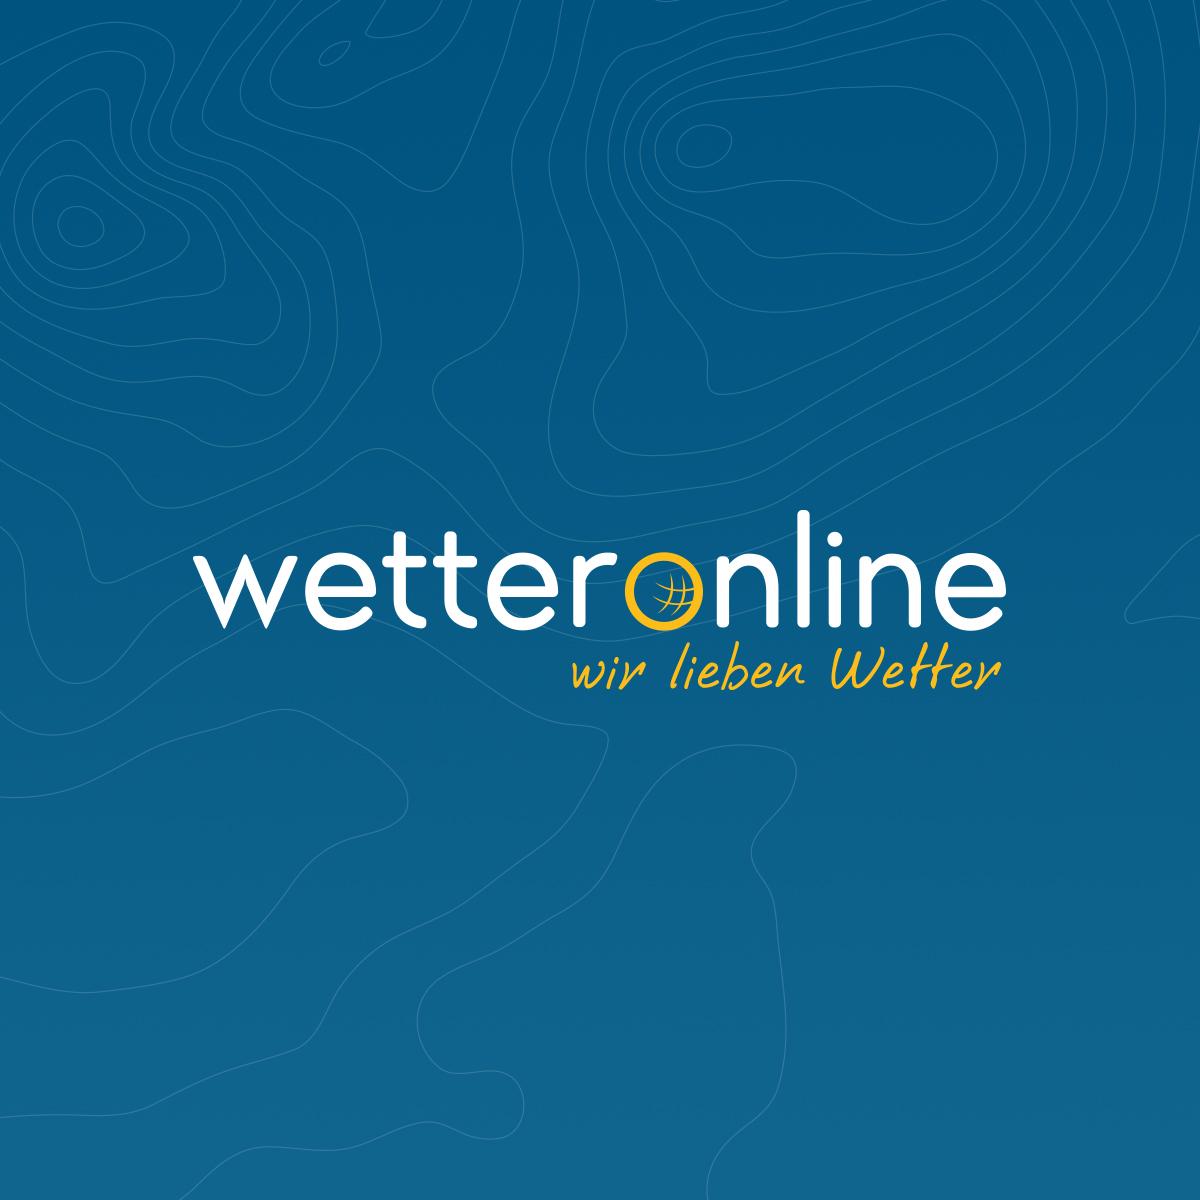 Hr.Wetter.De Online